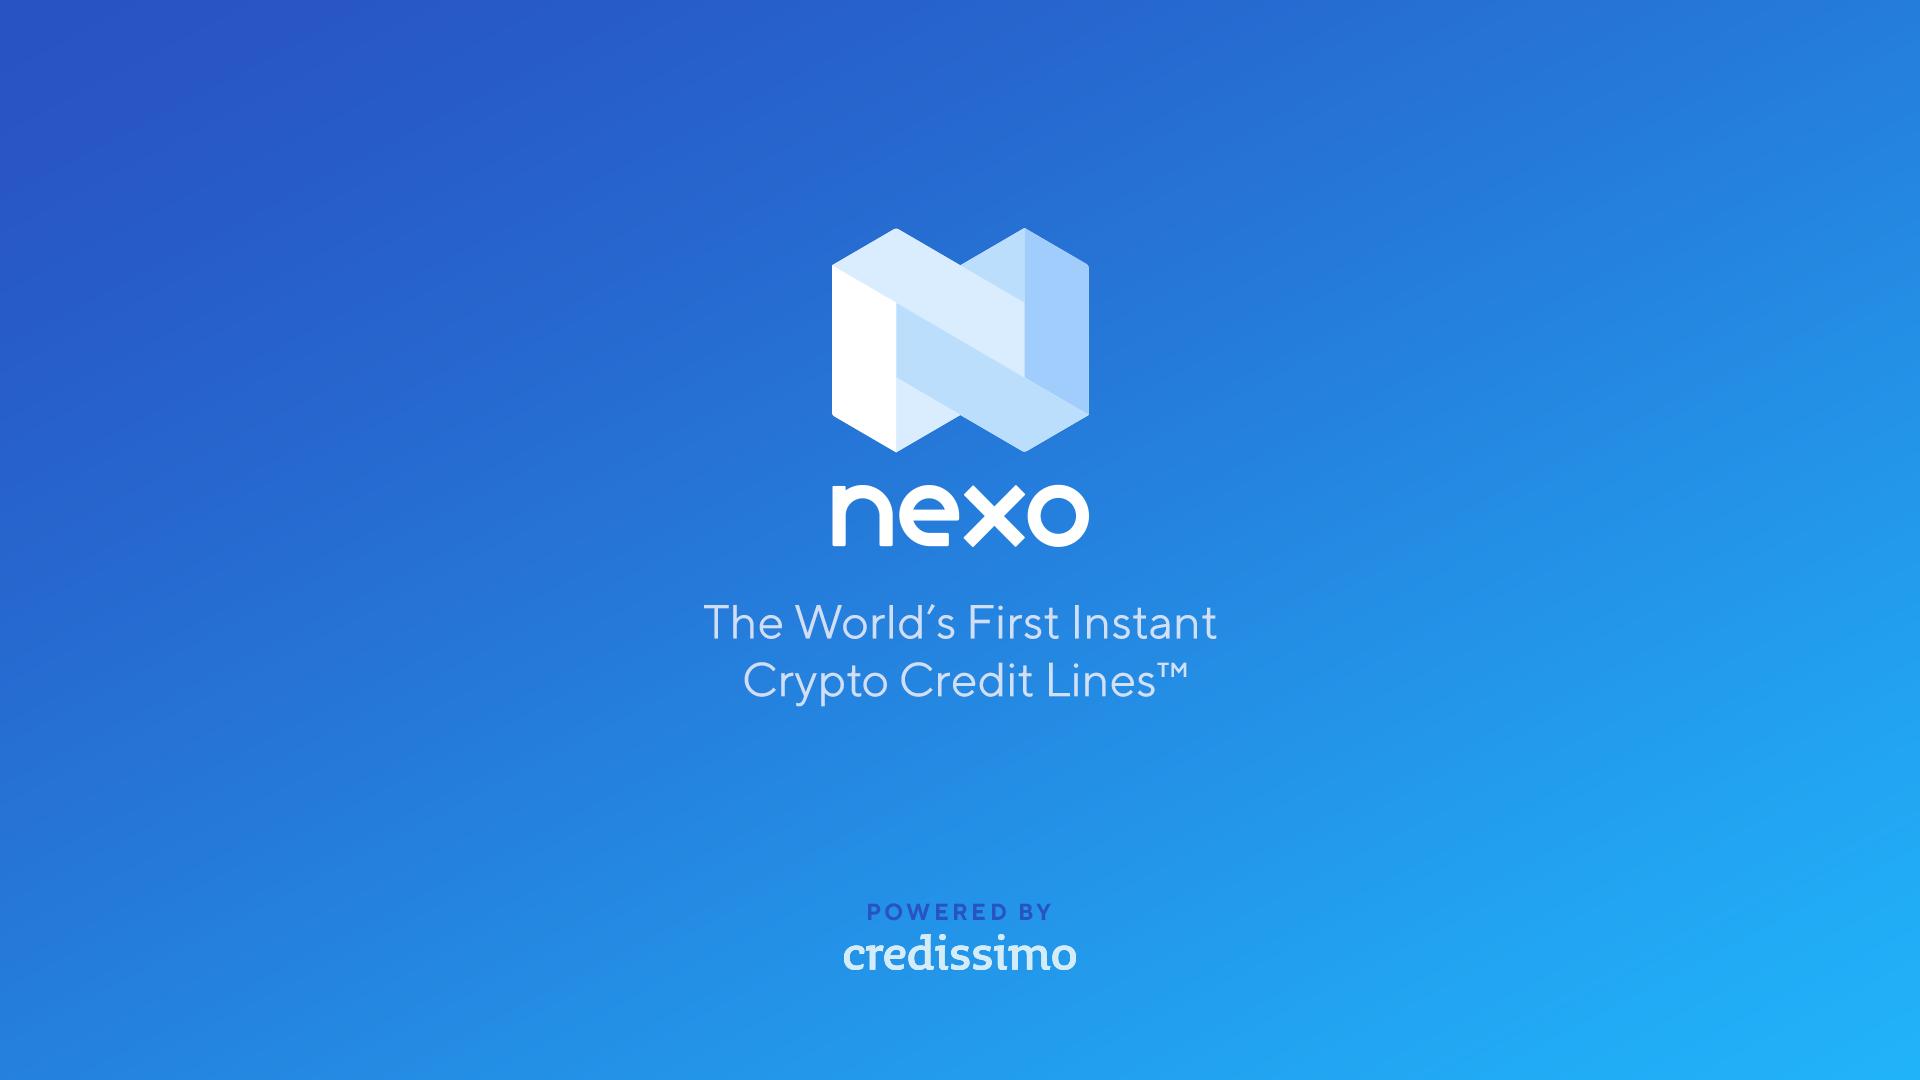 nexo lending